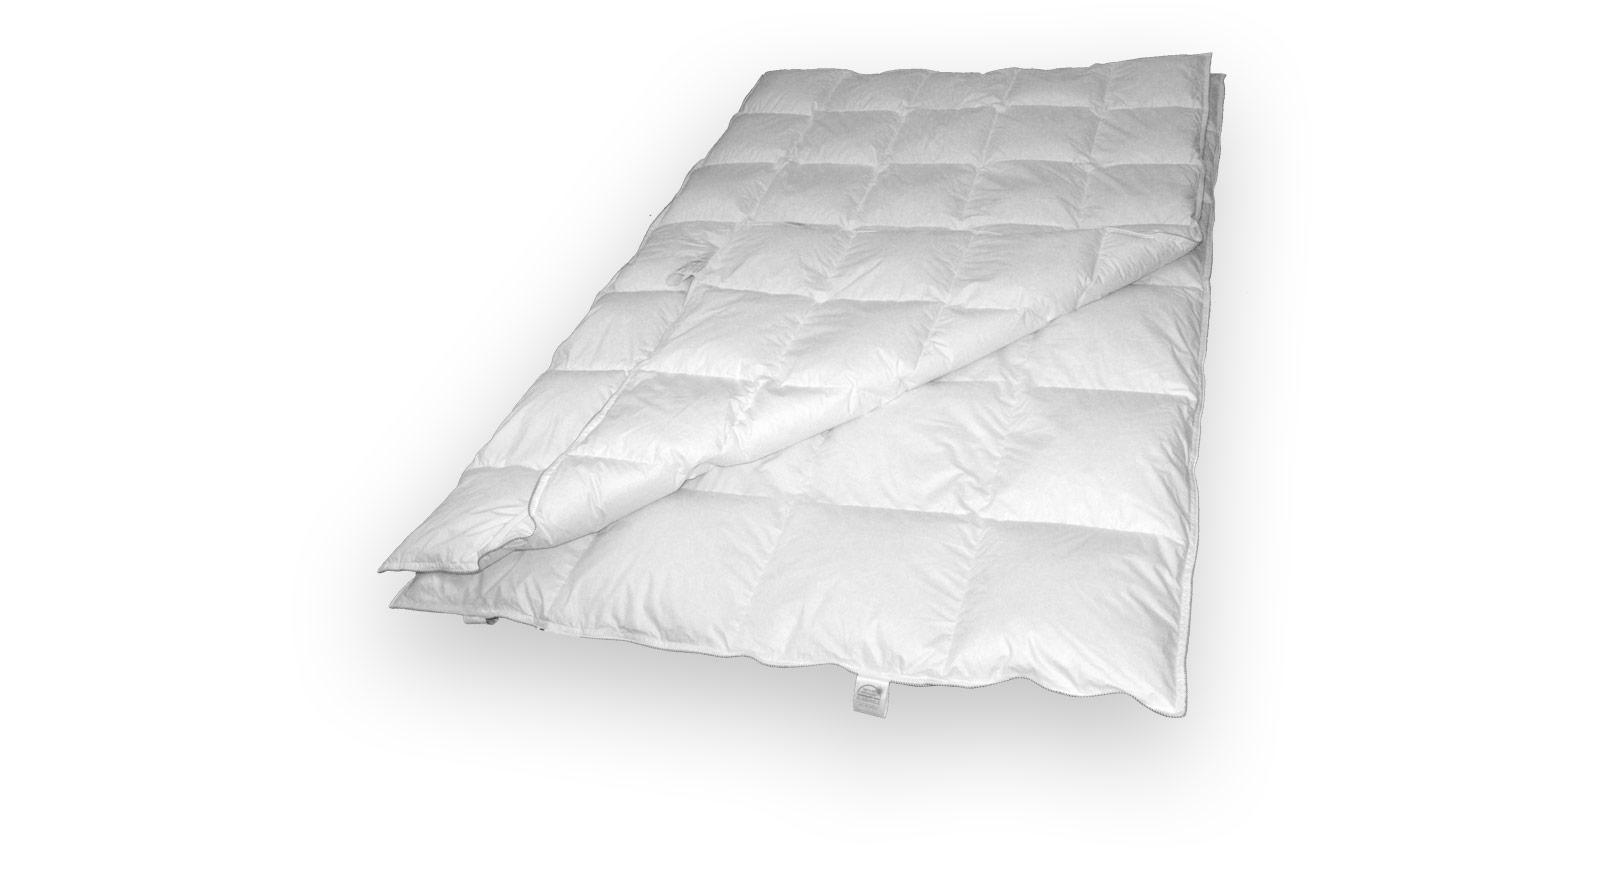 Daunen-Kombi-Bettdecke CleverSleep Baumwolle Kassettendecke